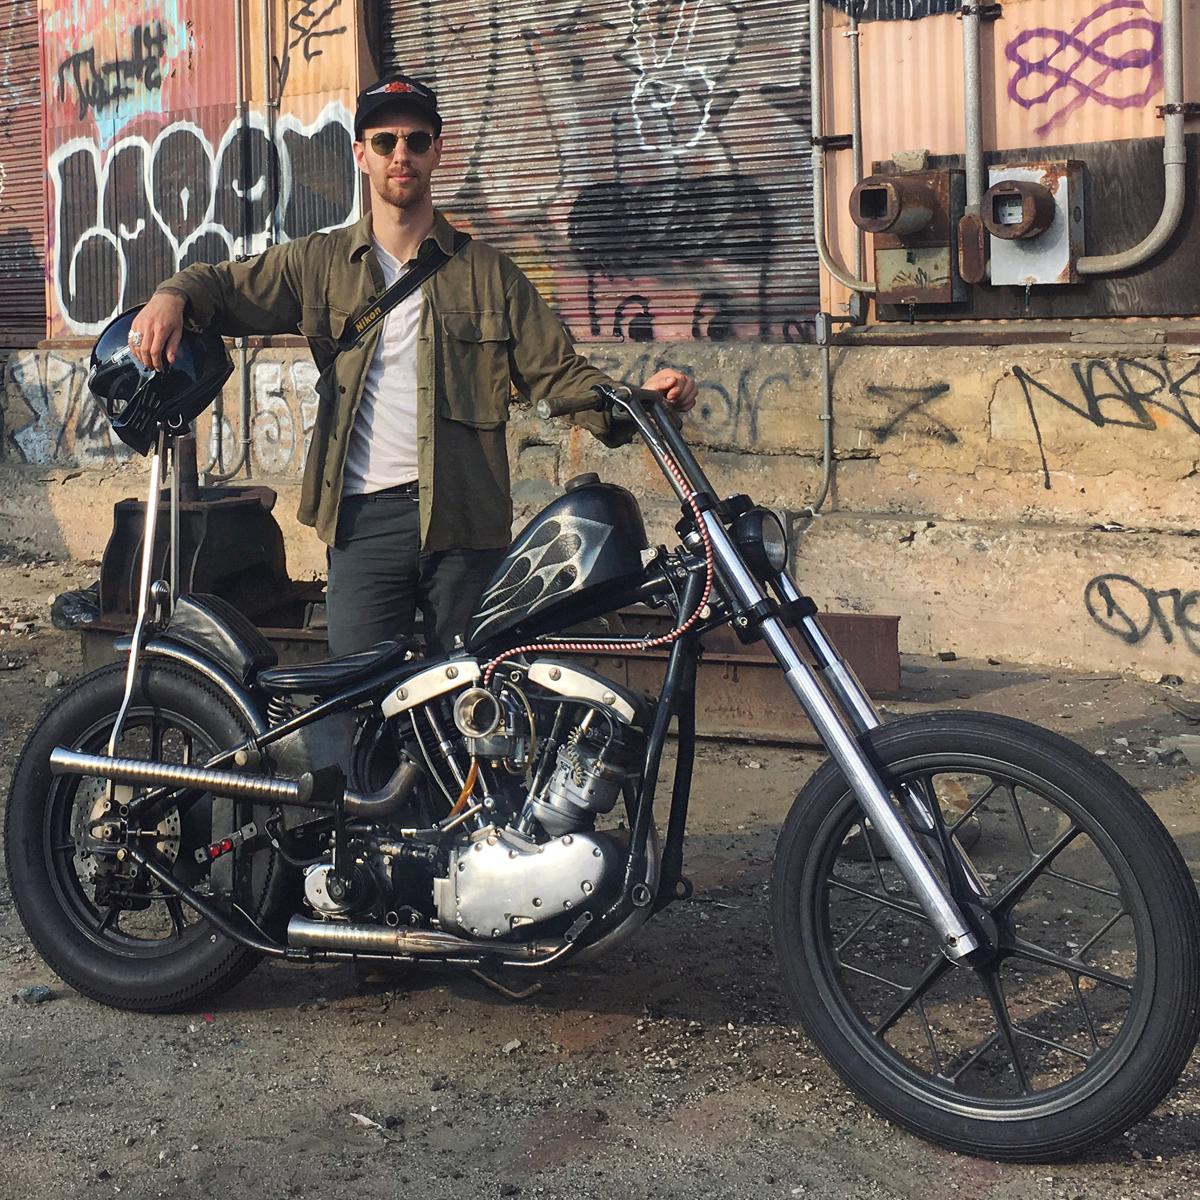 Ben Hittle 1969 Harley Shovelhead / 1991 Harley Sportster Cameras: Nikon D7200 / Fuji Instax 300